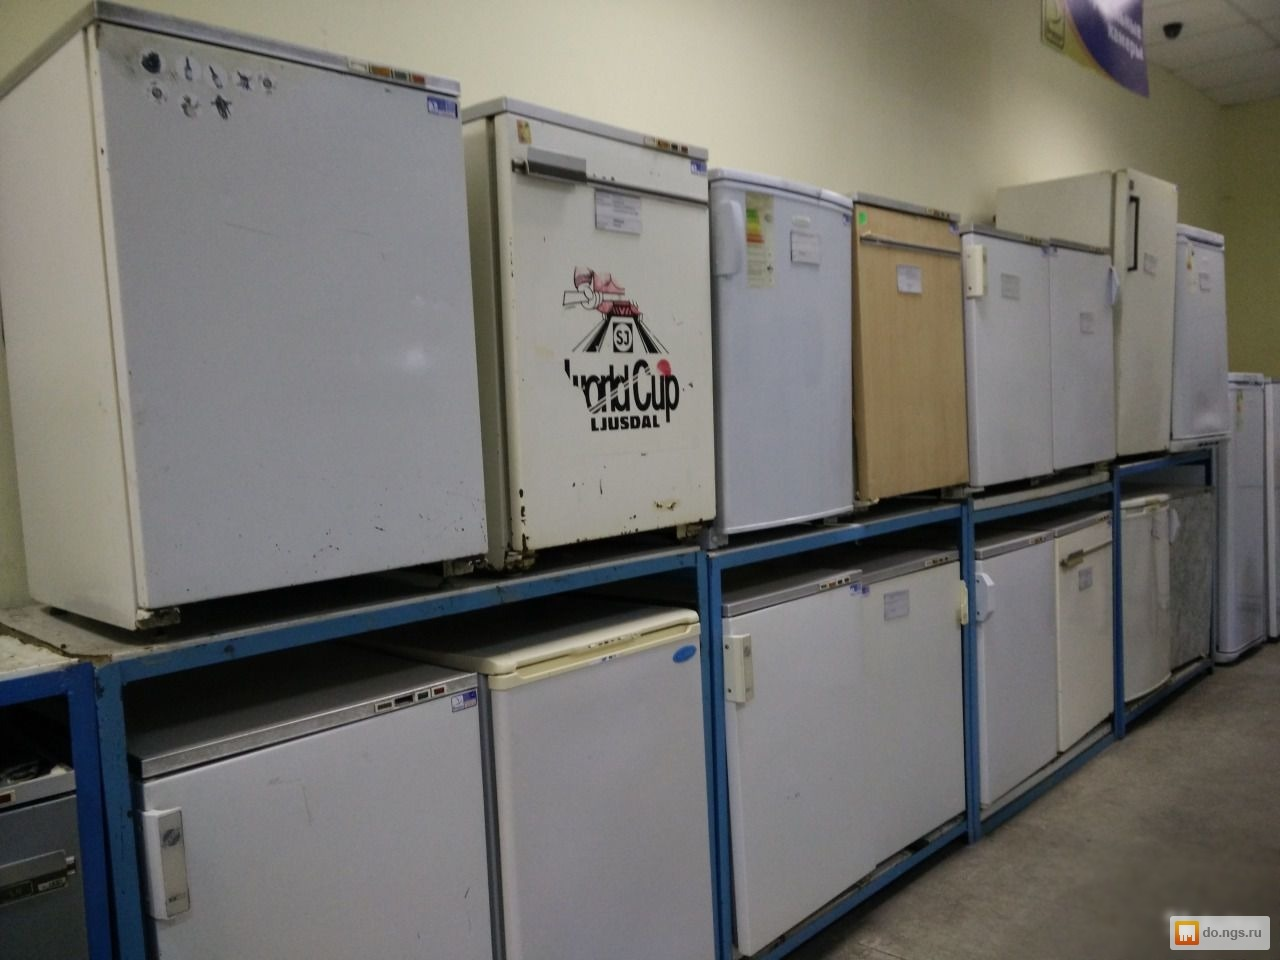 Продам б\\у морозильные лари, морозильные камеры по 30% скидке объём от 300 до 500 литров